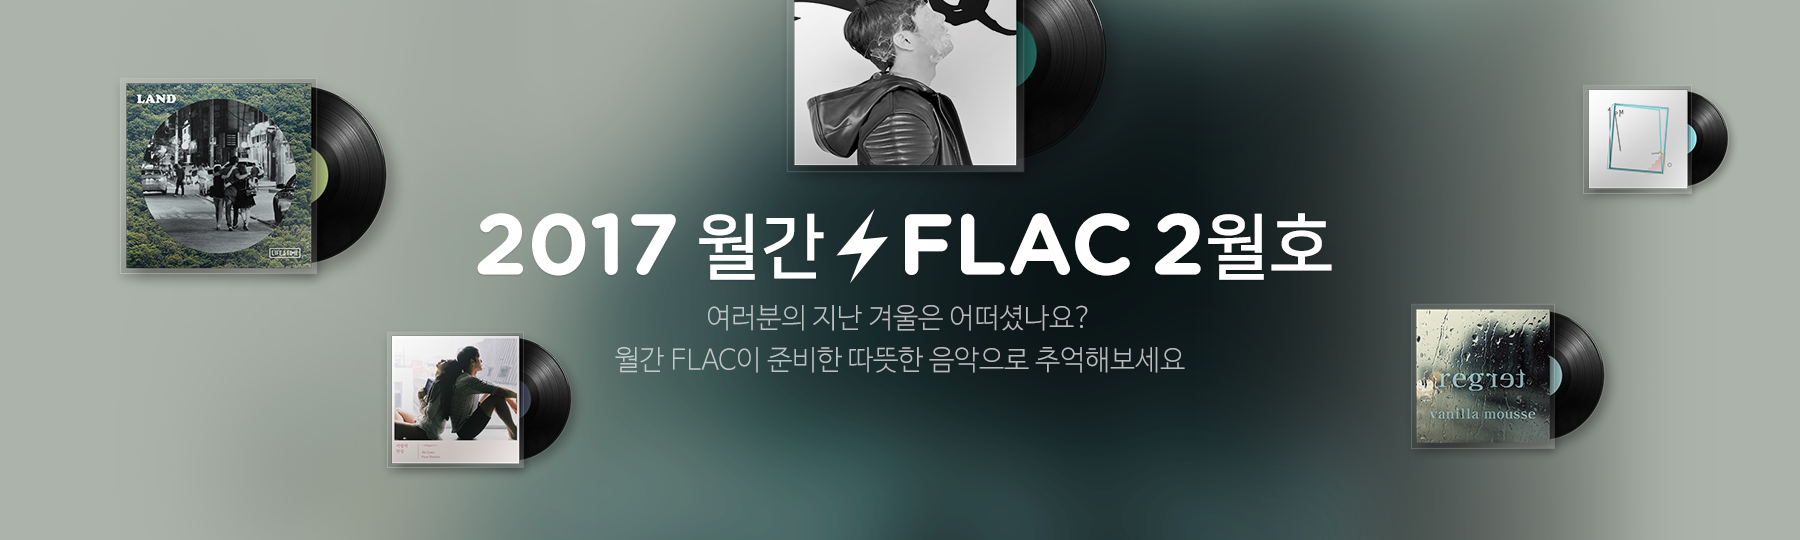 2017 월간 FLAC 2월호